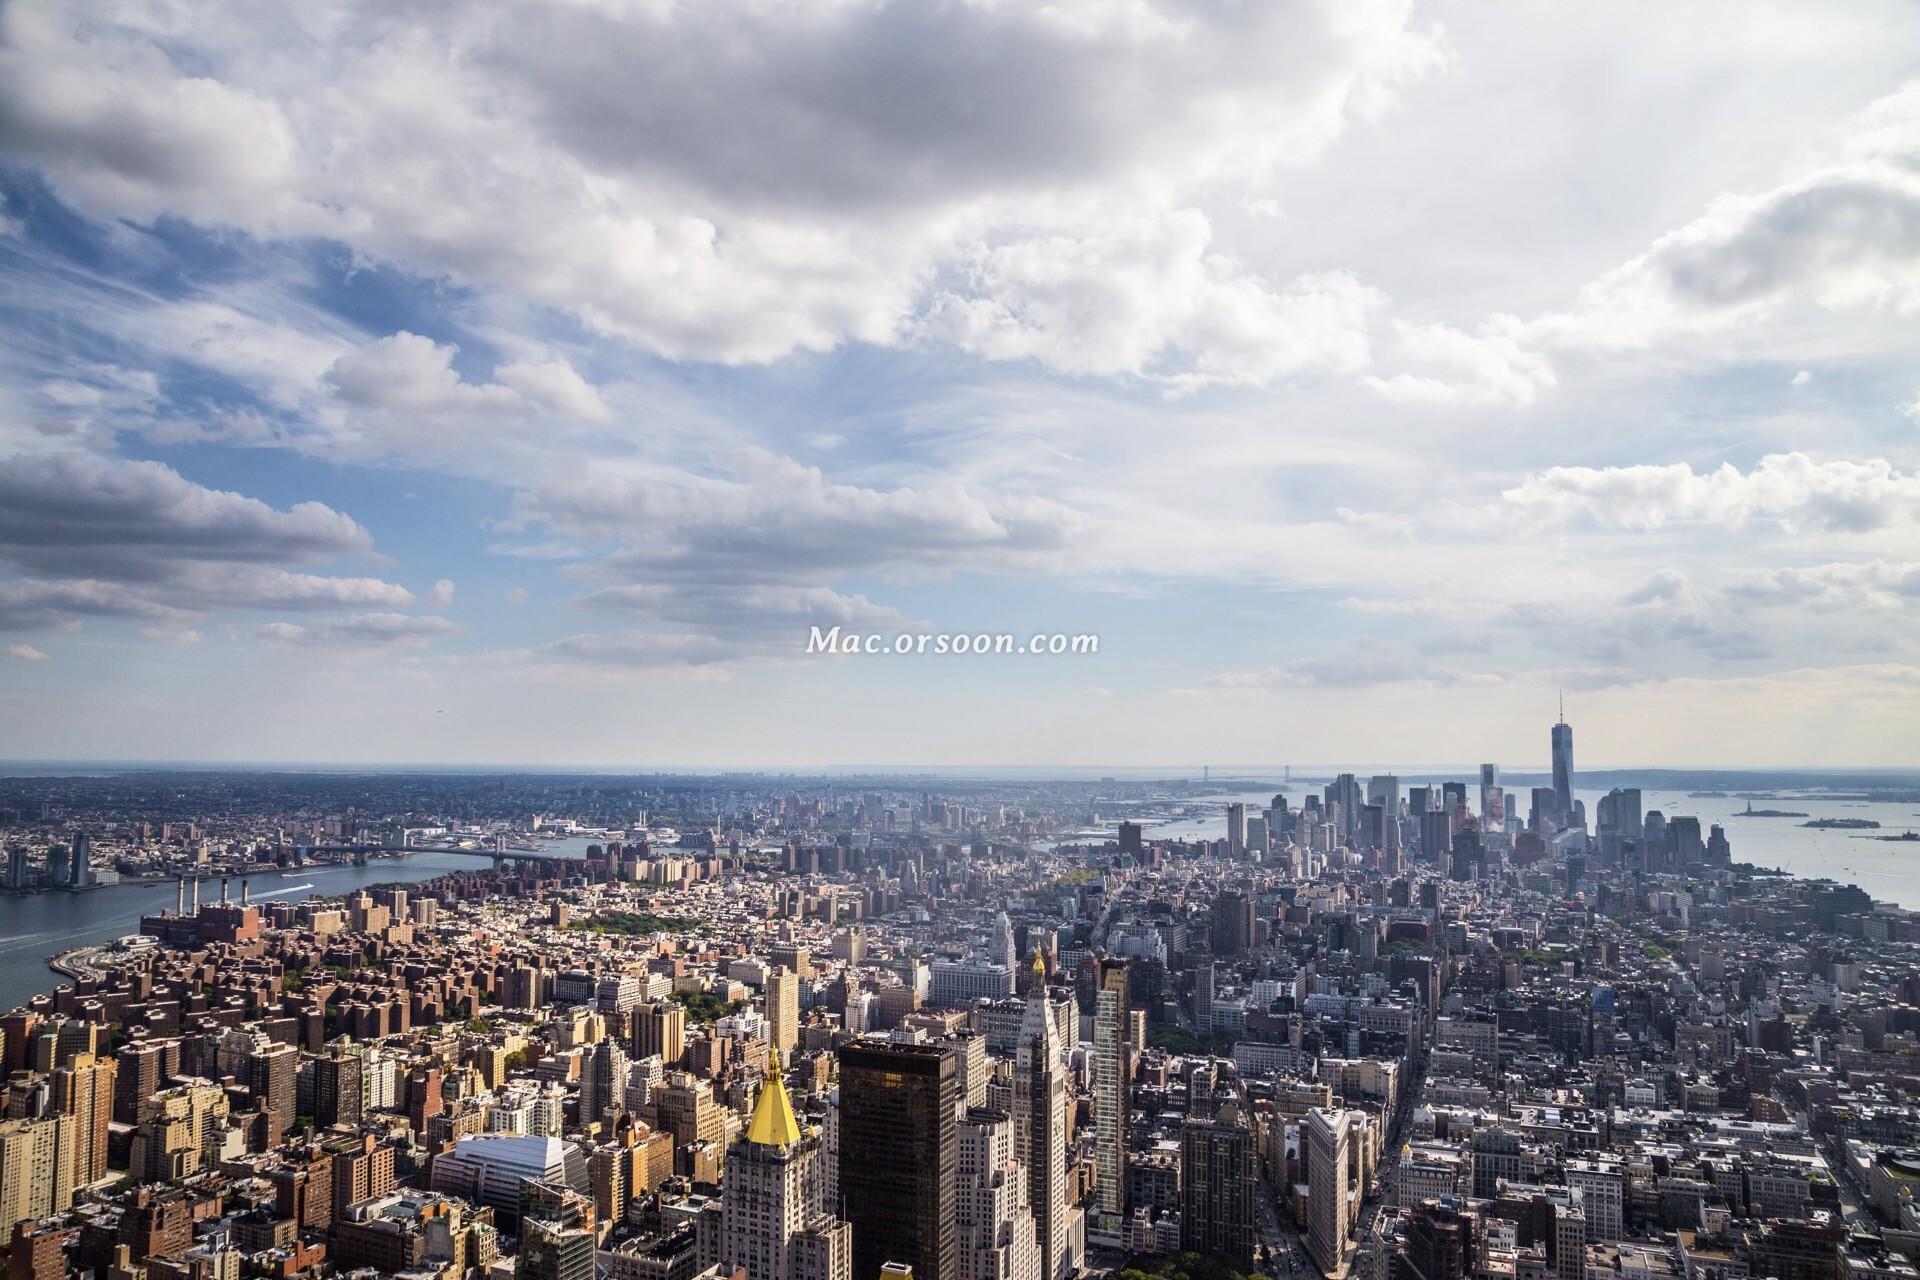 曼哈顿城市风景5k动态壁纸